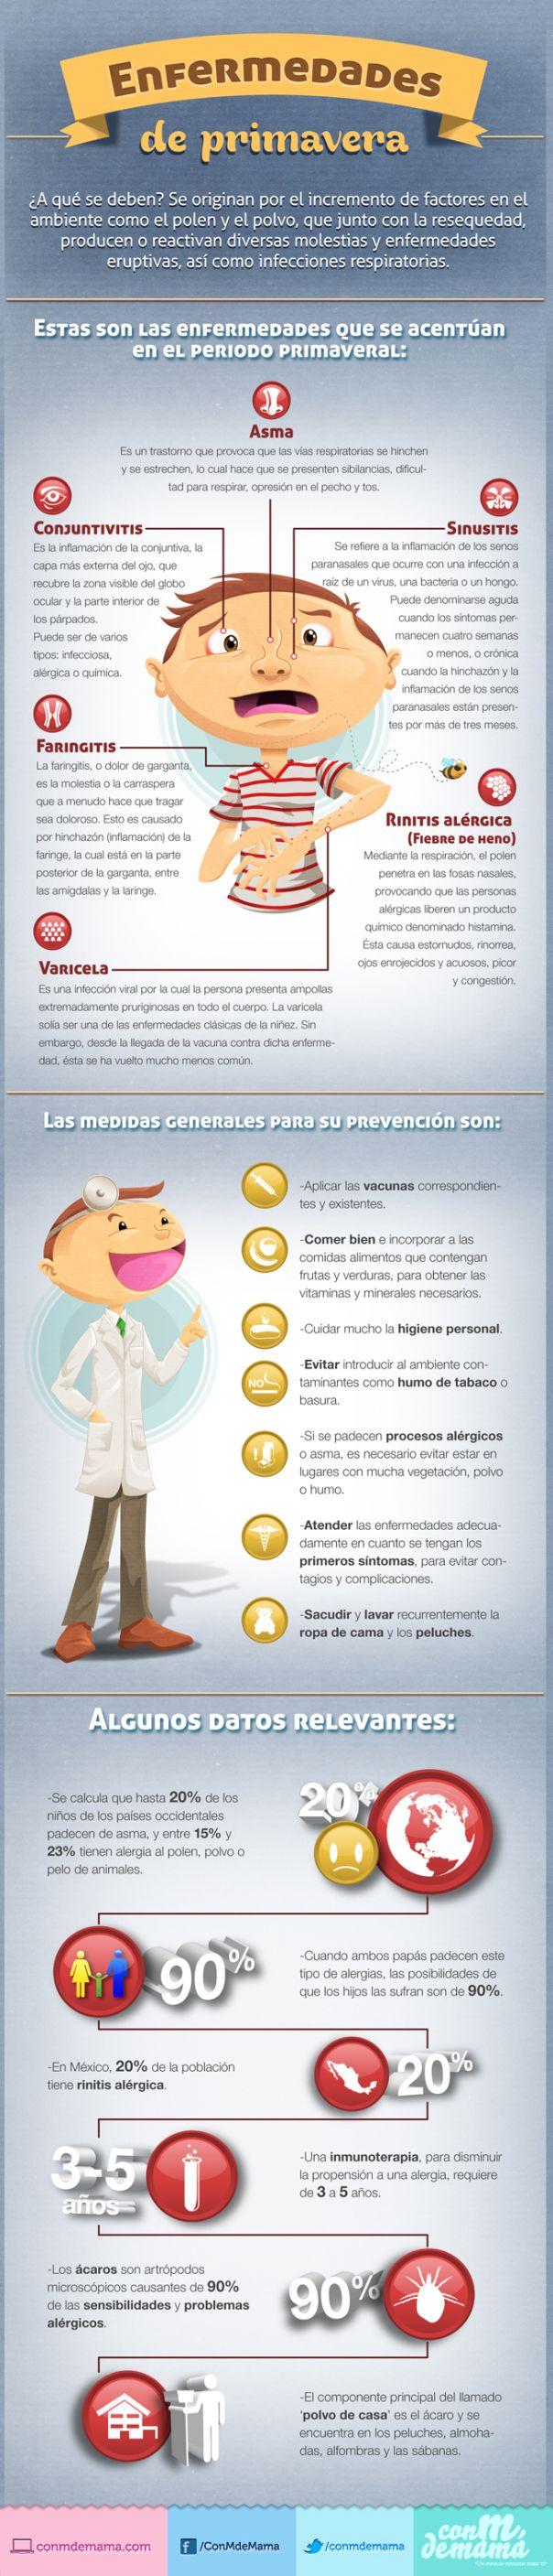 Enfermedades cardiovasculares via @Alfredo Vela